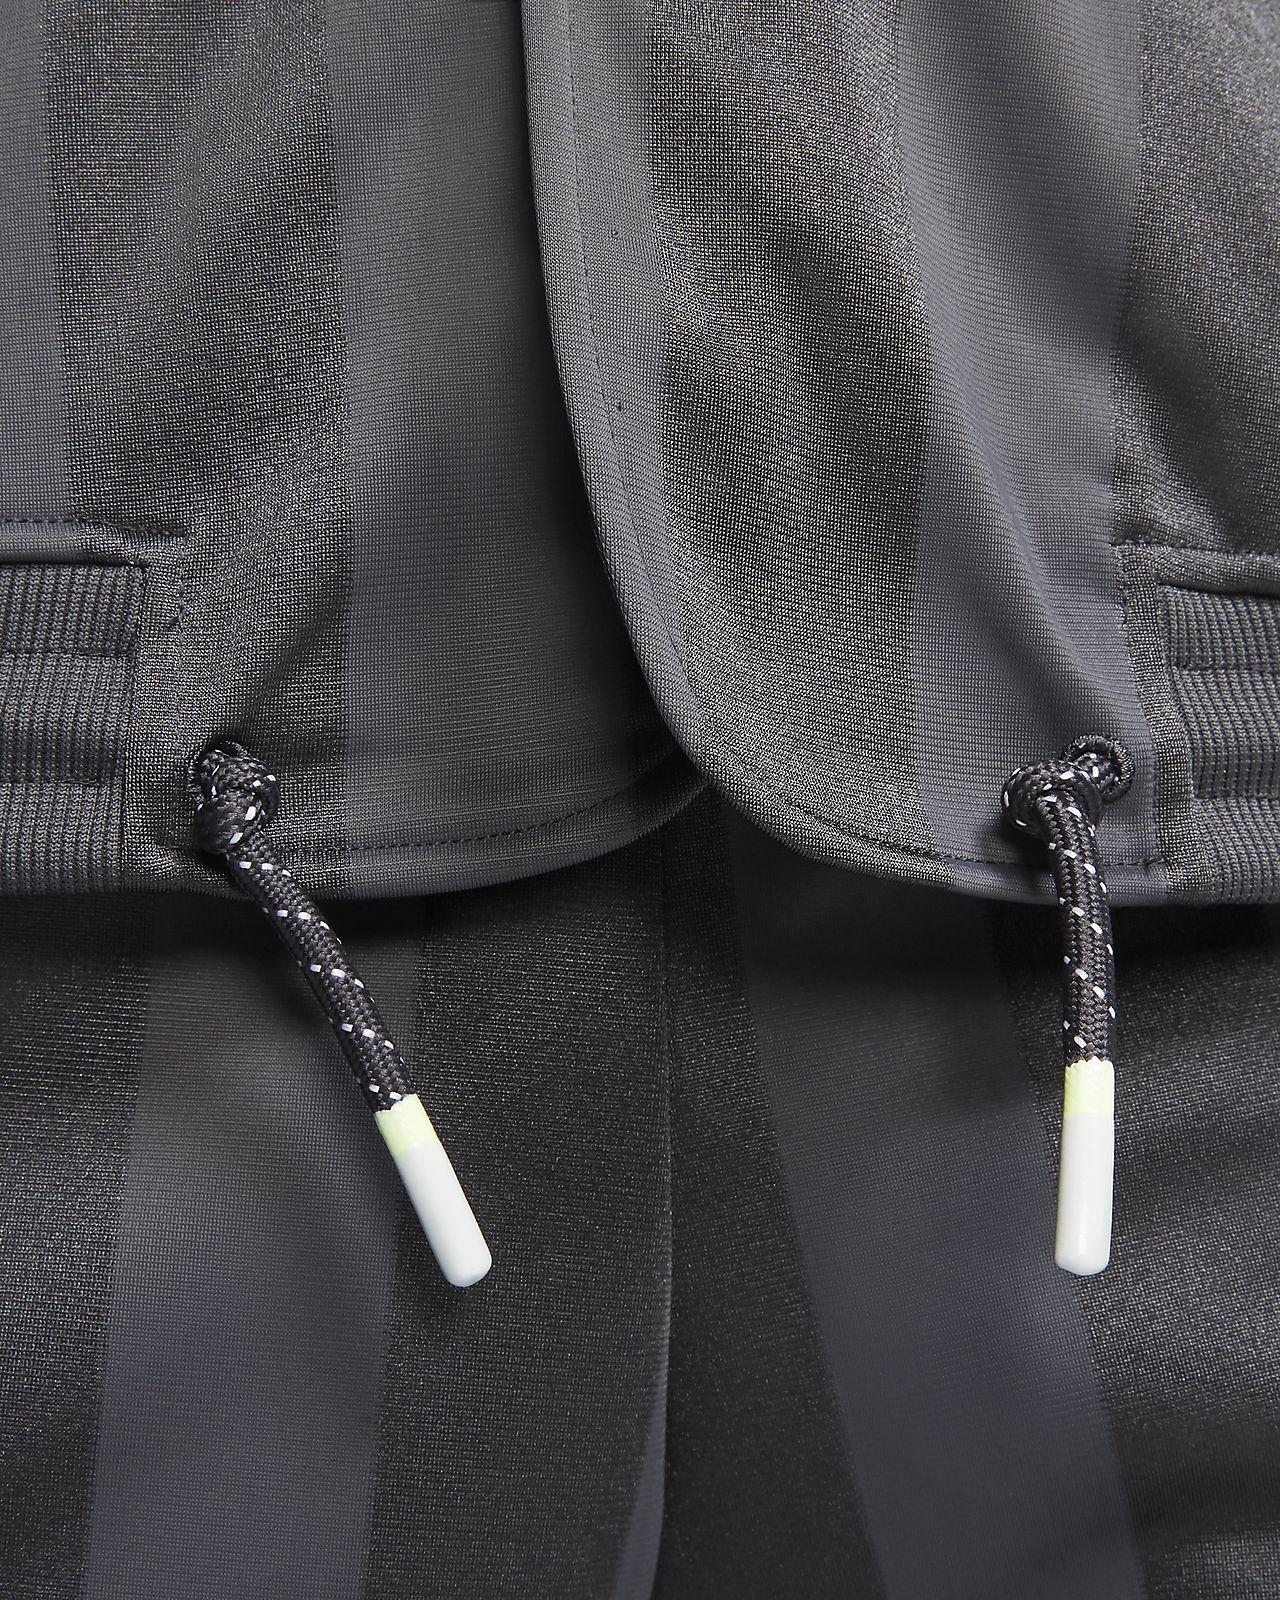 Giacca tuta Nike x Pigalle Uomo. Nike IT